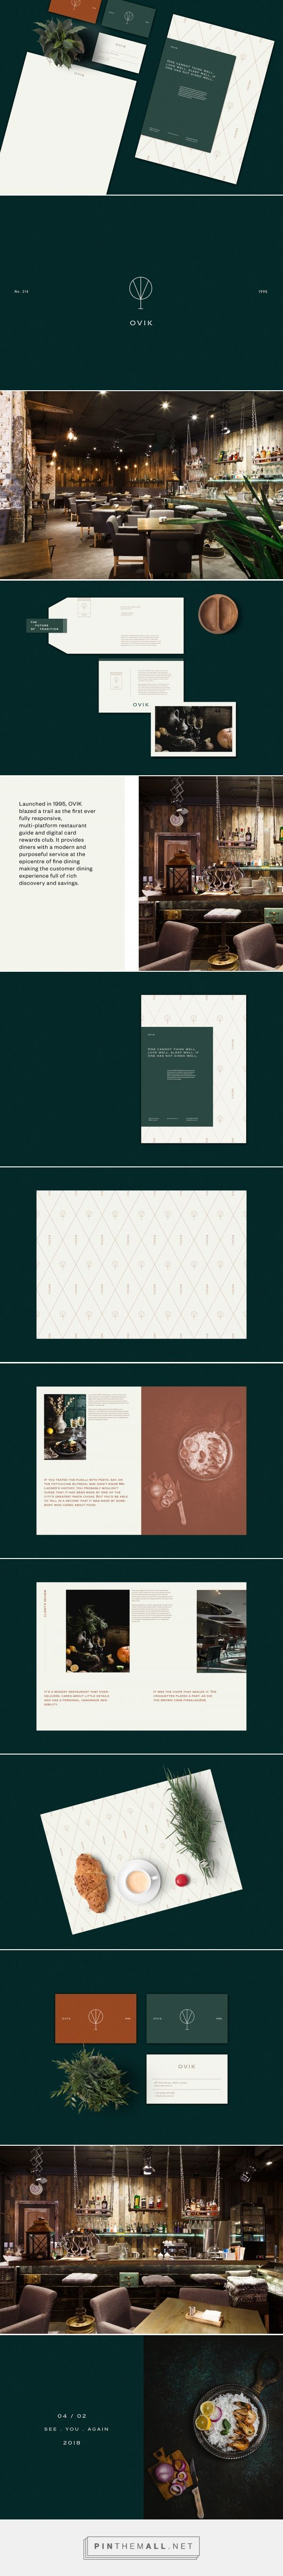 OVIK Luxury Restaurant Branding by Eldur Ta | Fivestar Branding Agency